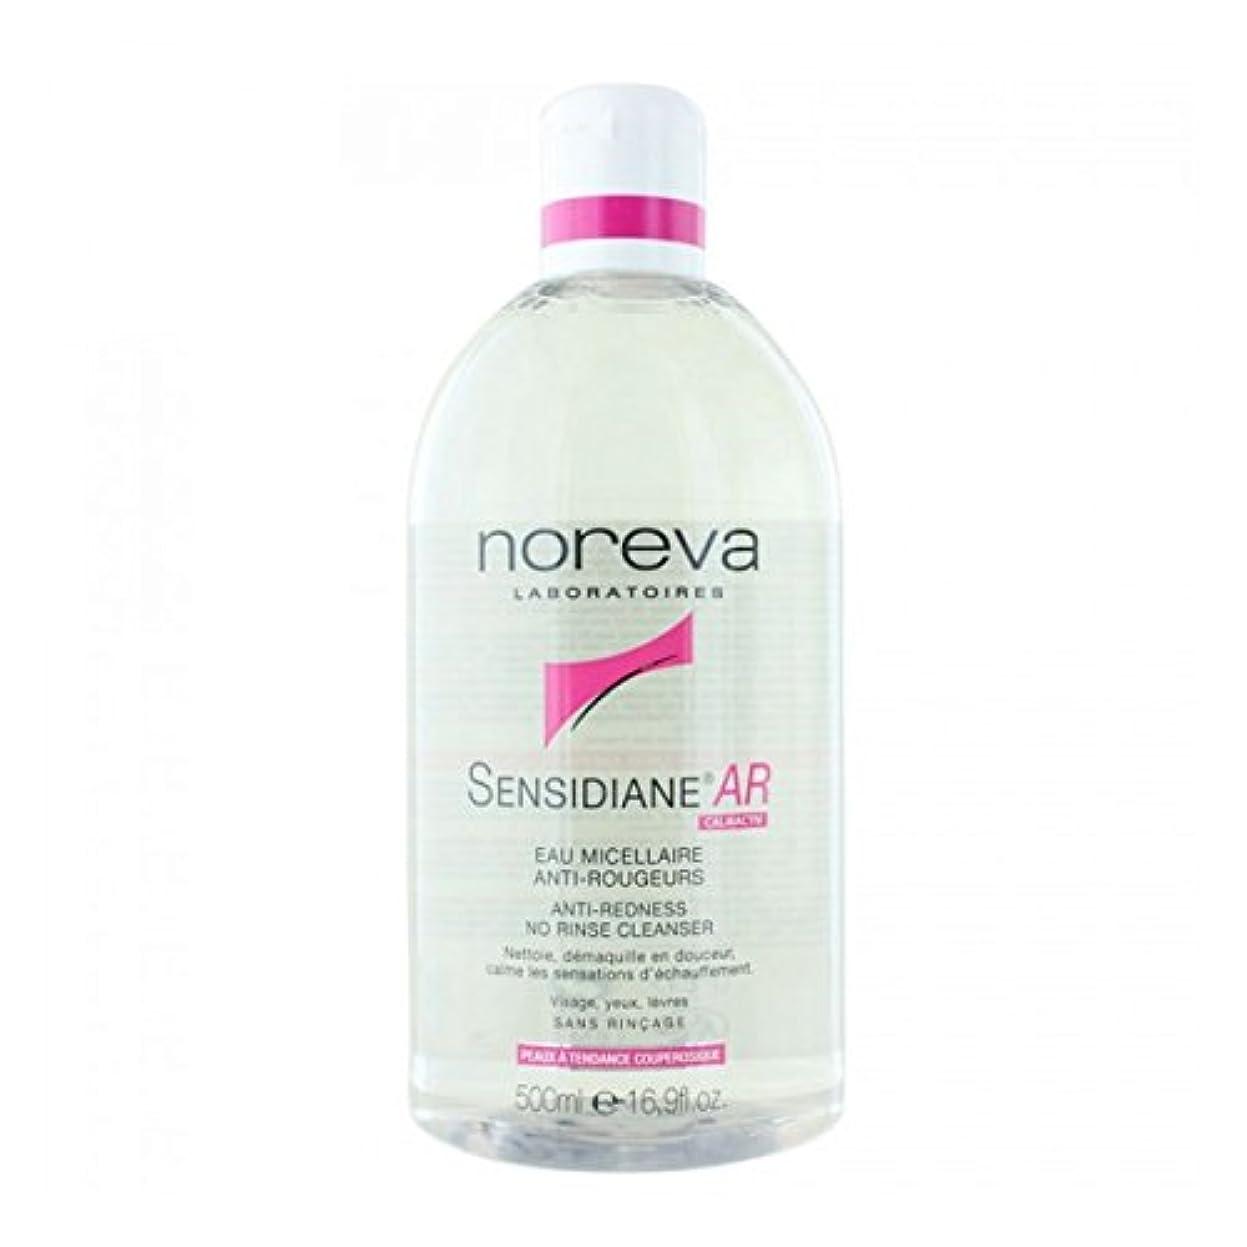 意図する流リダクターNoreva Sensidiane Ar Anti-redness No Rinse Cleanser 500ml [並行輸入品]